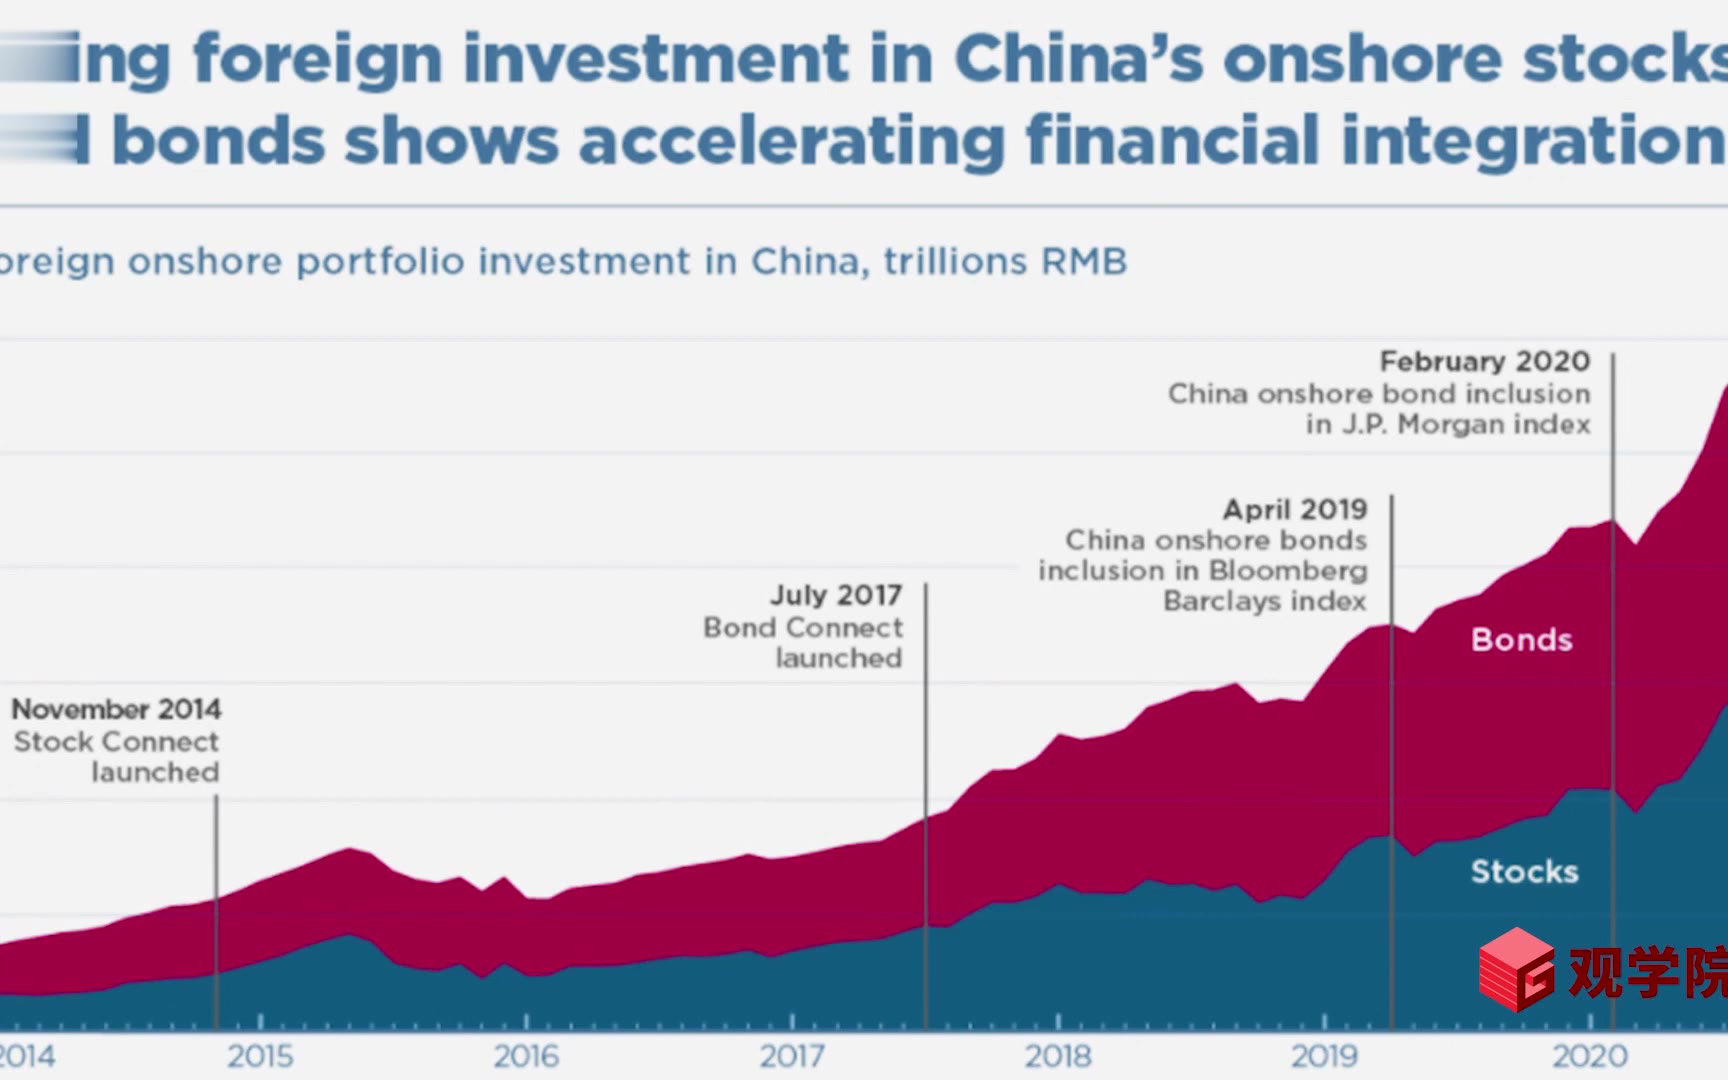 沈逸:把美国脑补成另一个中国的人,既不懂美国,更不懂资本 【上集】